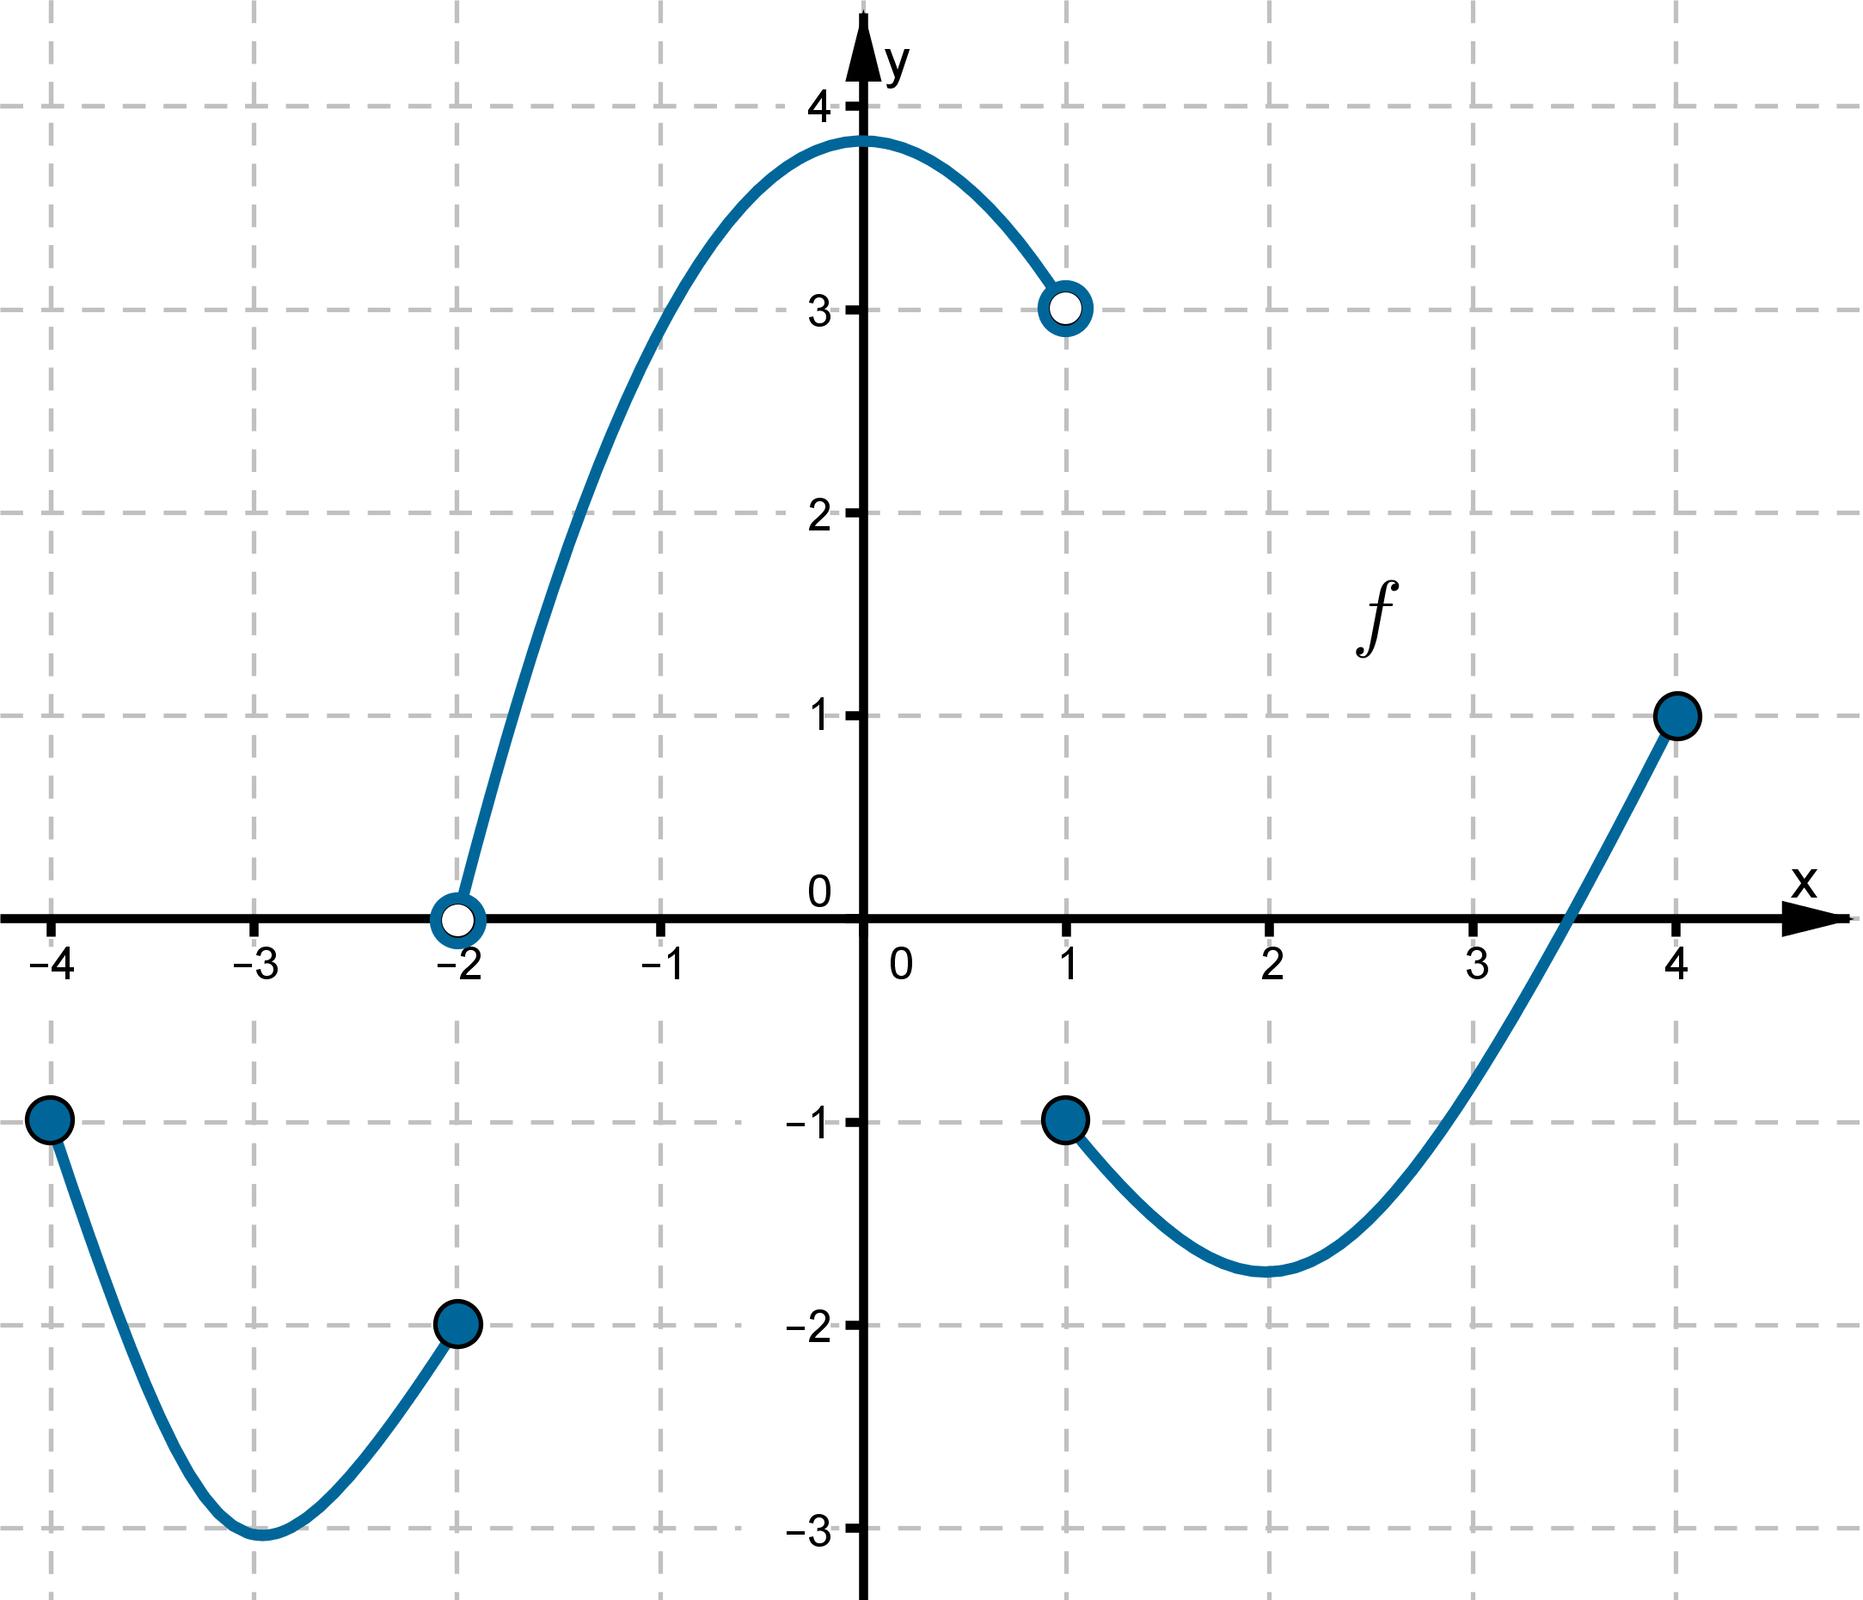 Wykres funkcji wpostaci trzech krzywych leżących wpierwszej, drugiej, trzeciej iczwartej ćwiartce układu współrzędnych.